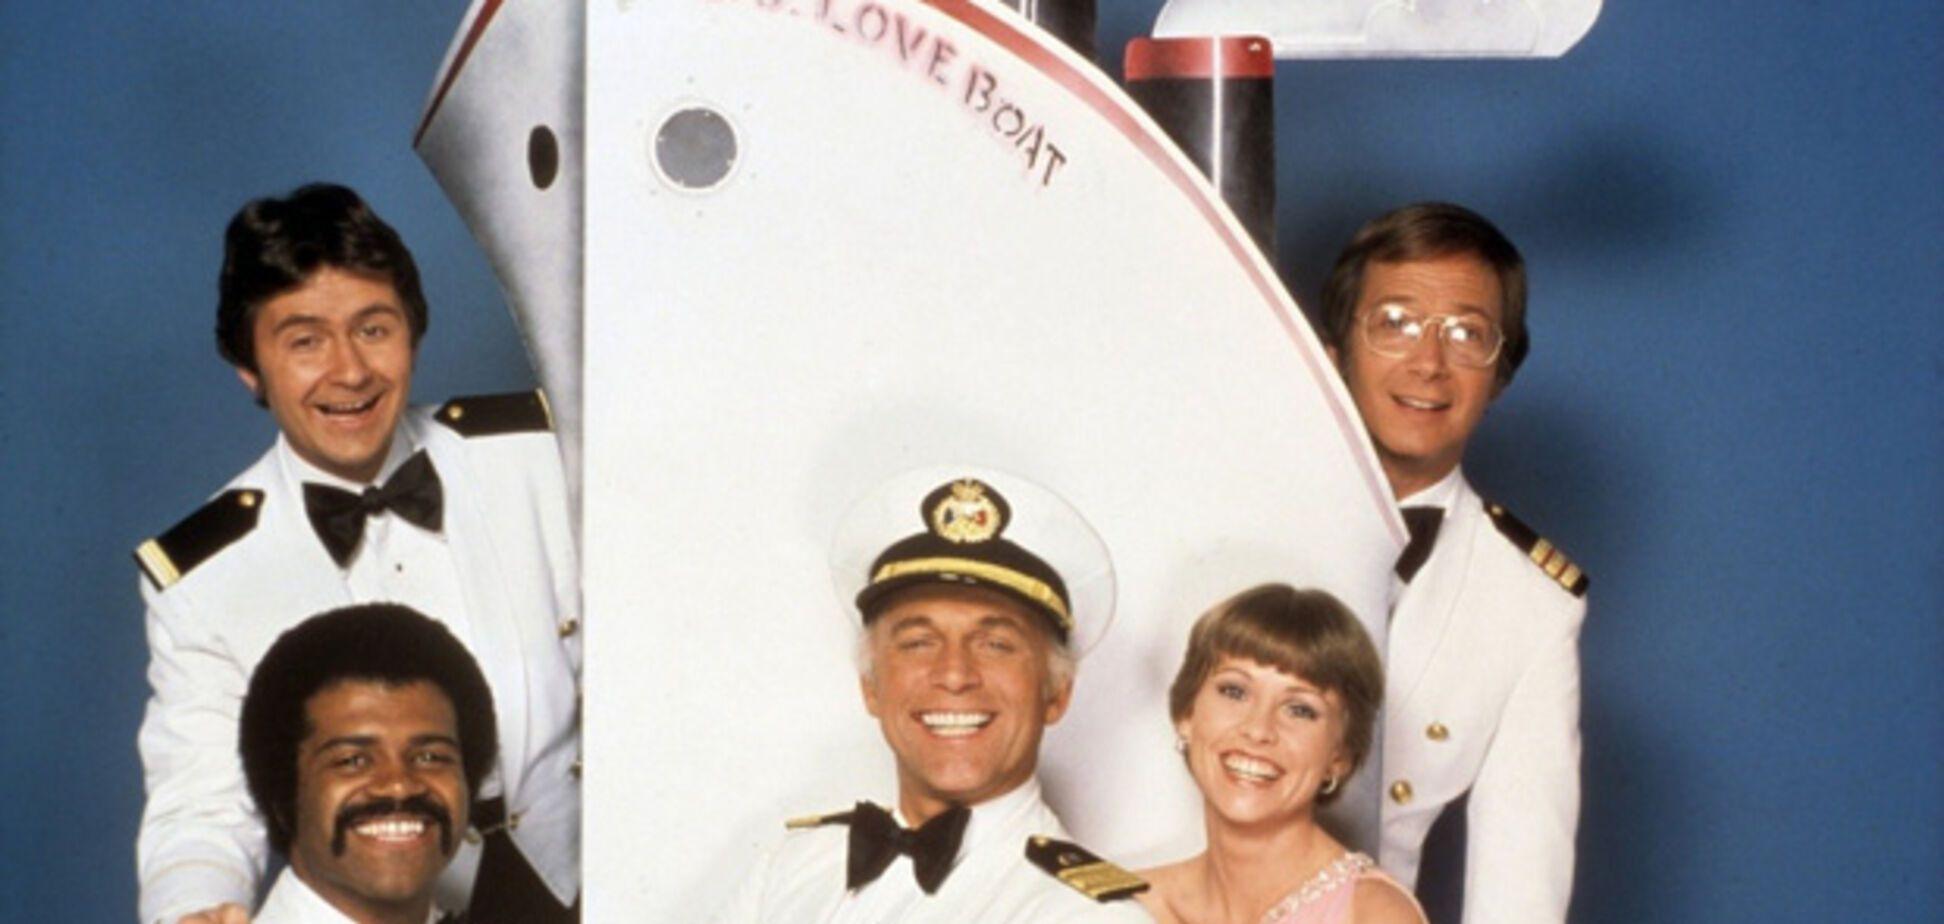 В Лос-Анджелесе появилась 'Лодка любви'